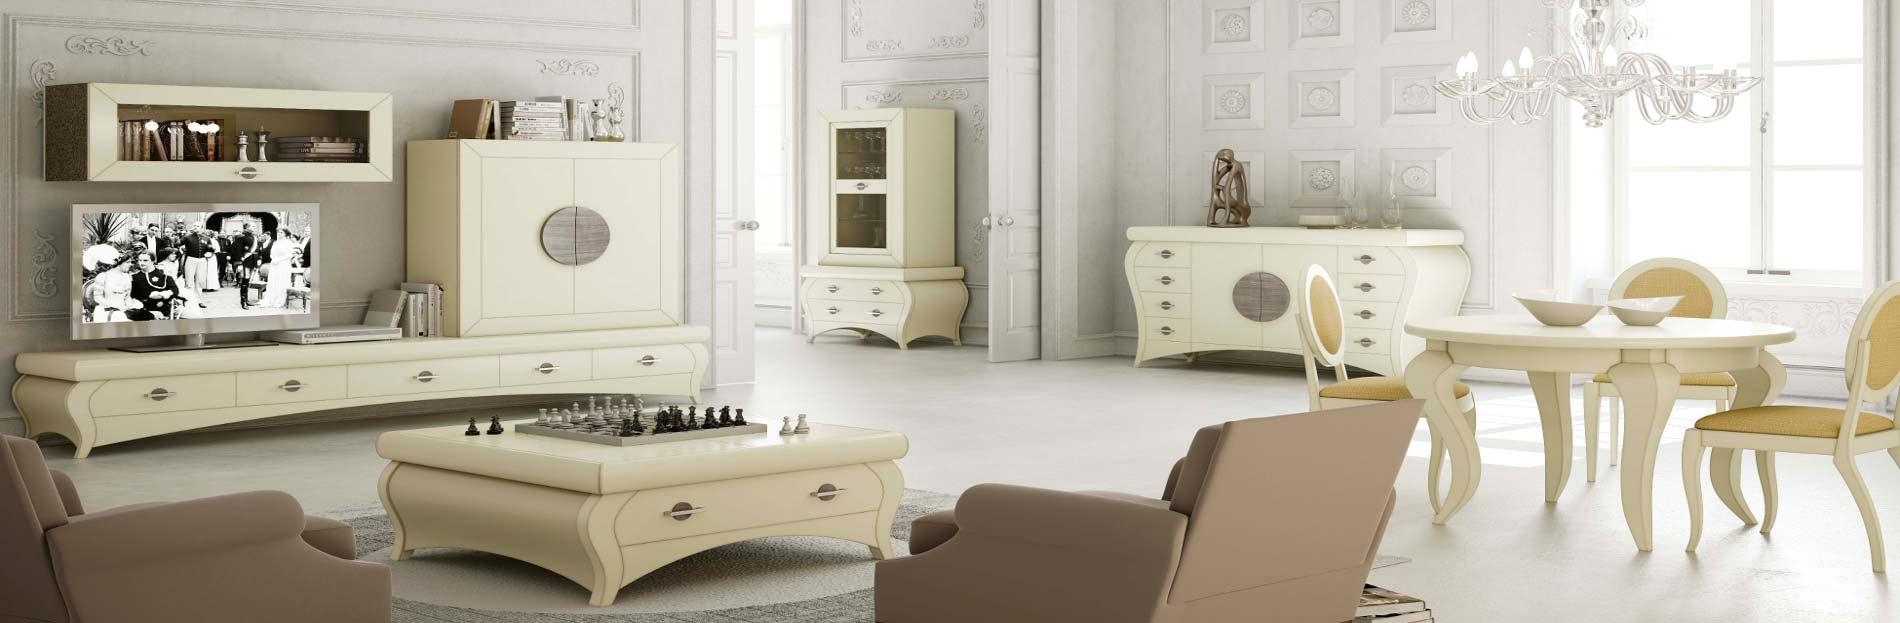 Muebles y decoracion en arganda del rey for Muebles en arganda del rey